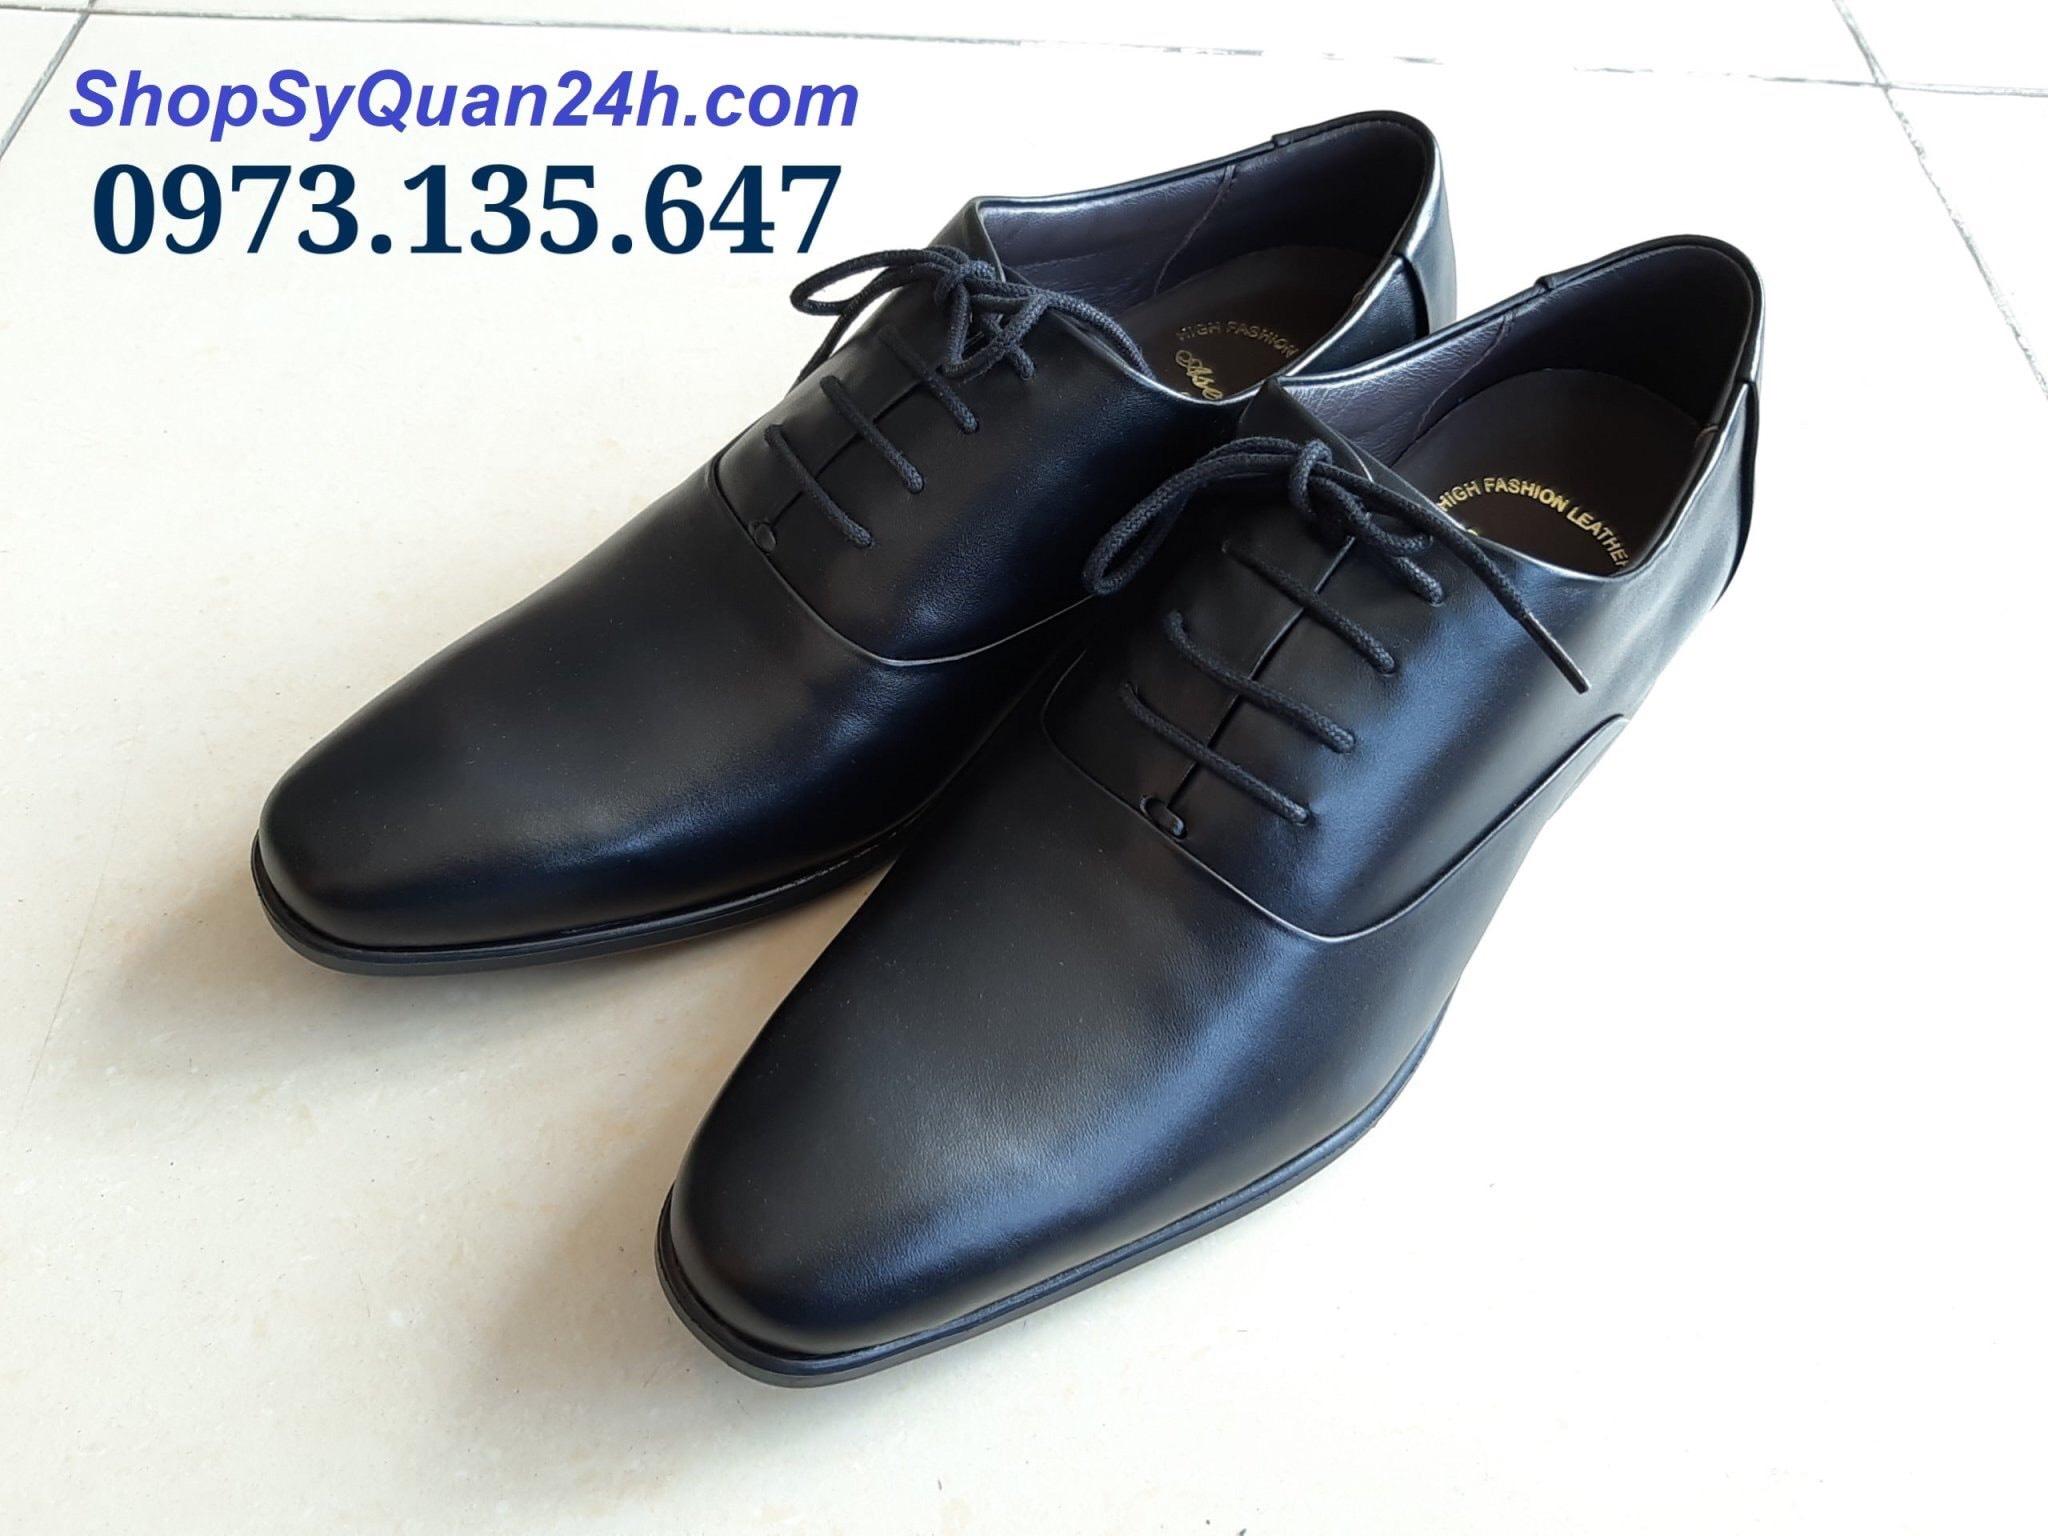 Giày Sỹ Quan Công Sở 809 - Đen